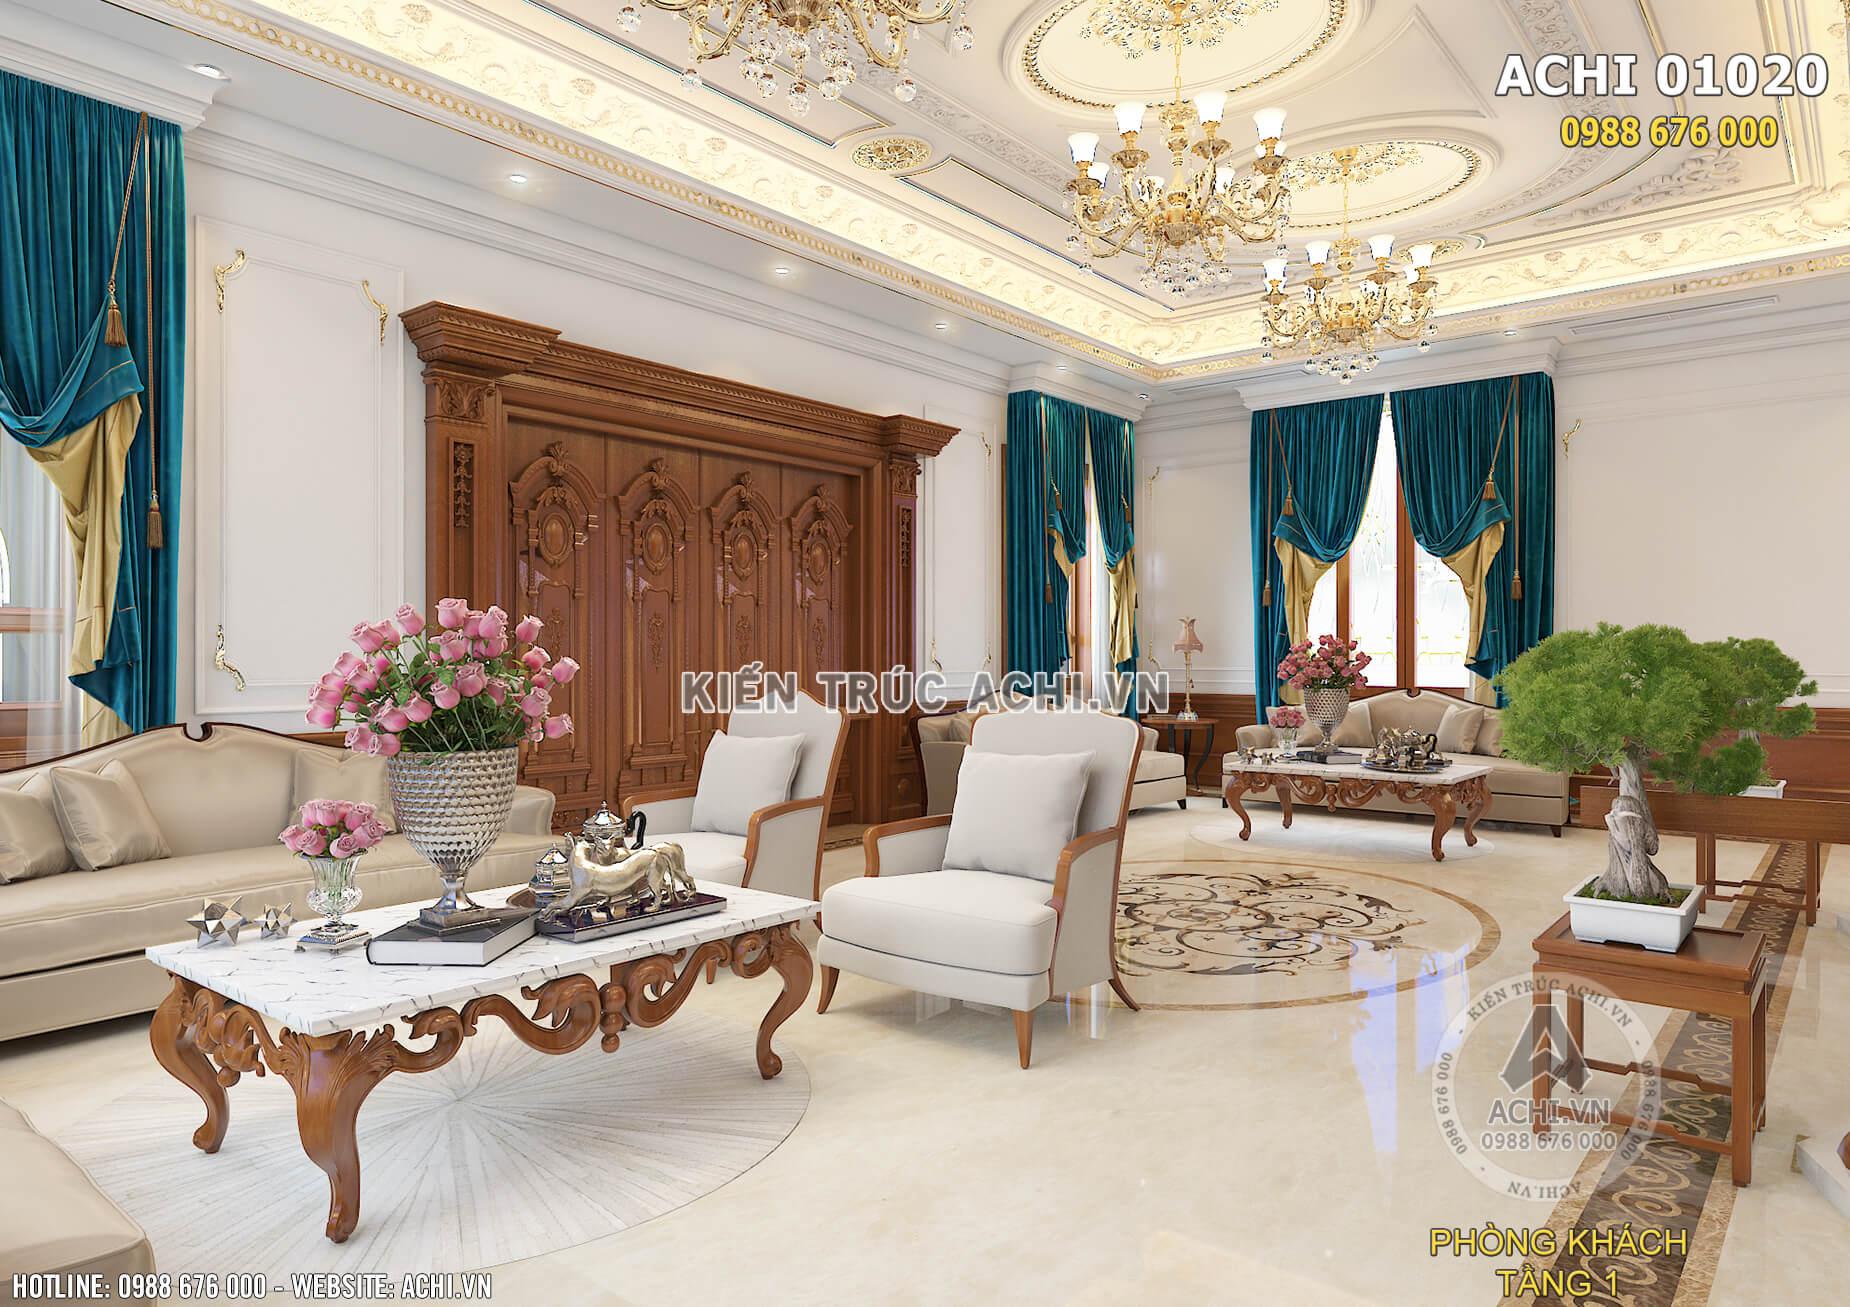 Mẫu thiết kế nội thất đẹp cho phòng khách ấn tượng